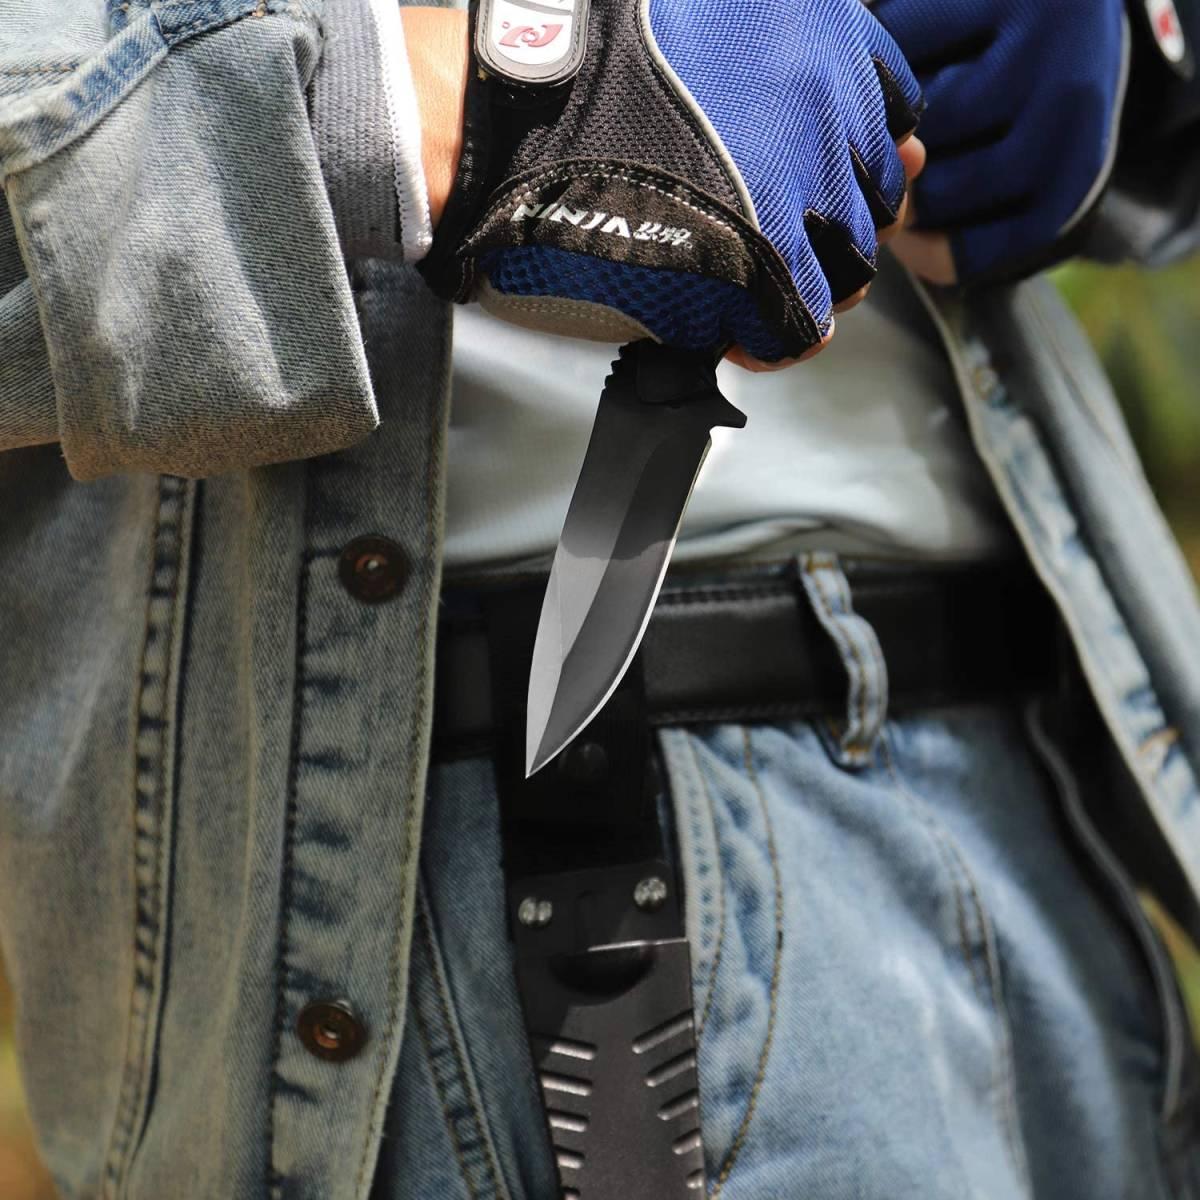 【ステンレススチール】フルタング シース ナイフ フィッシング 釣り キャンプ サバイバル